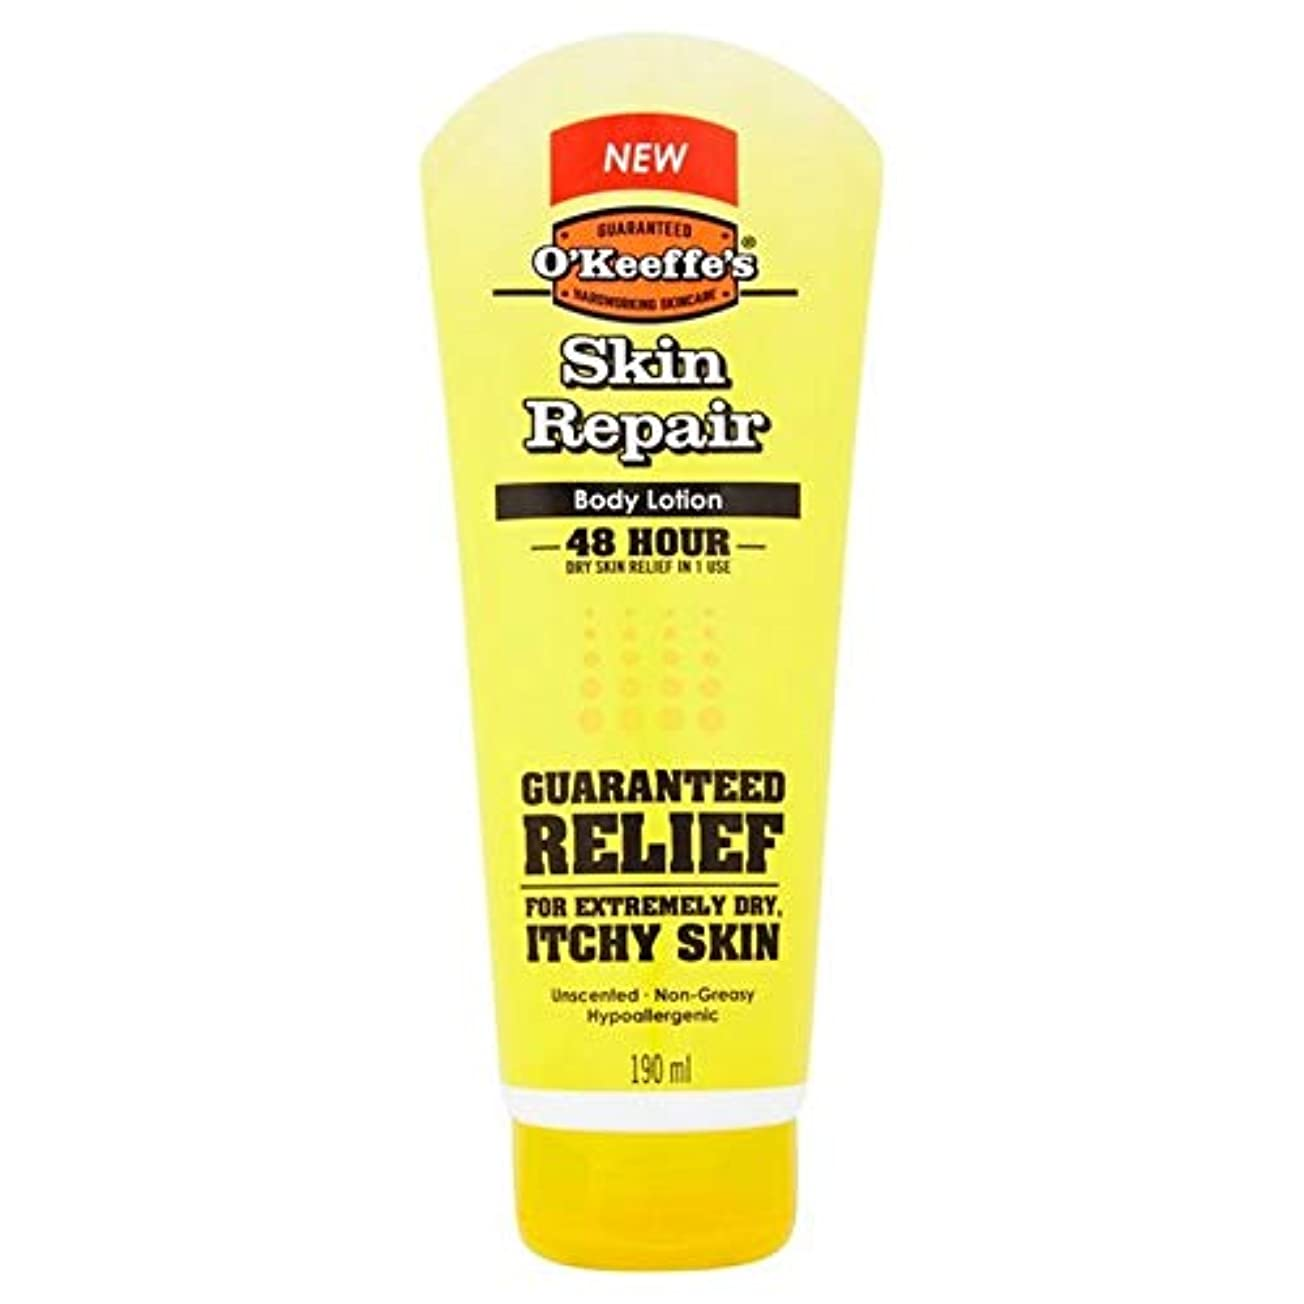 グラフィック支配的喉が渇いた[O'Keeffes] オキーフの皮膚の修復管190ミリリットル - O'Keeffe's Skin Repair Tube 190ml [並行輸入品]